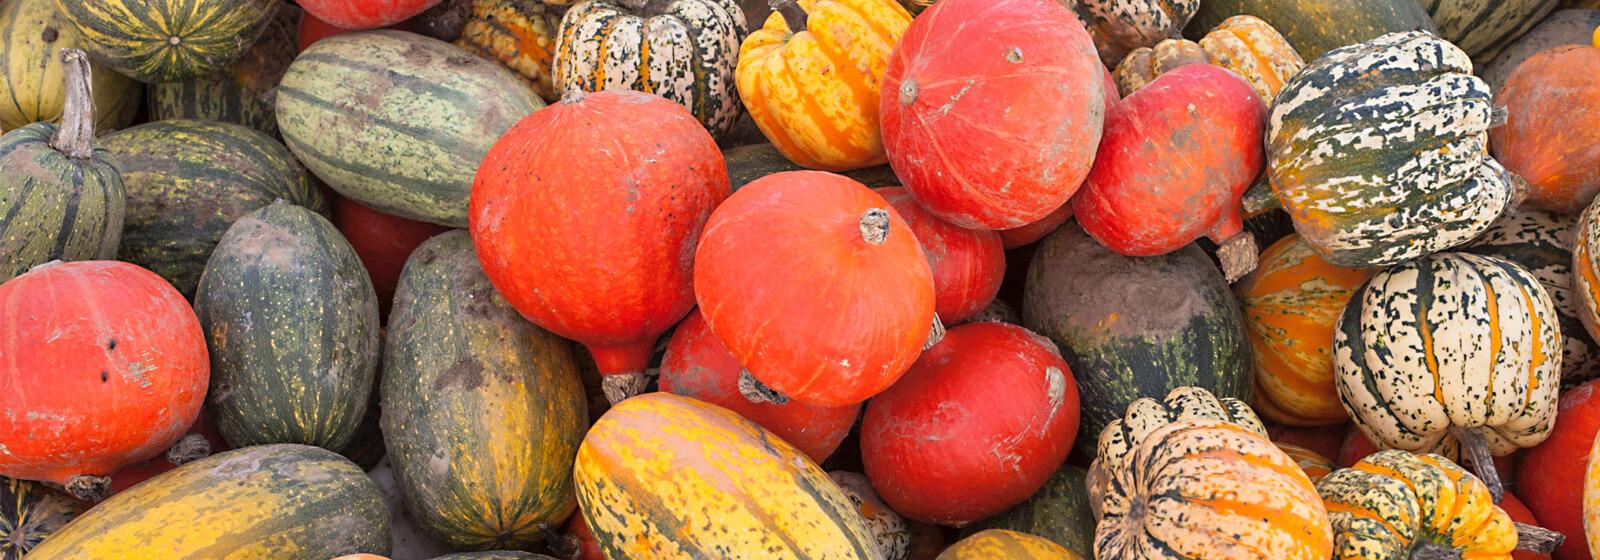 Gourds image slide